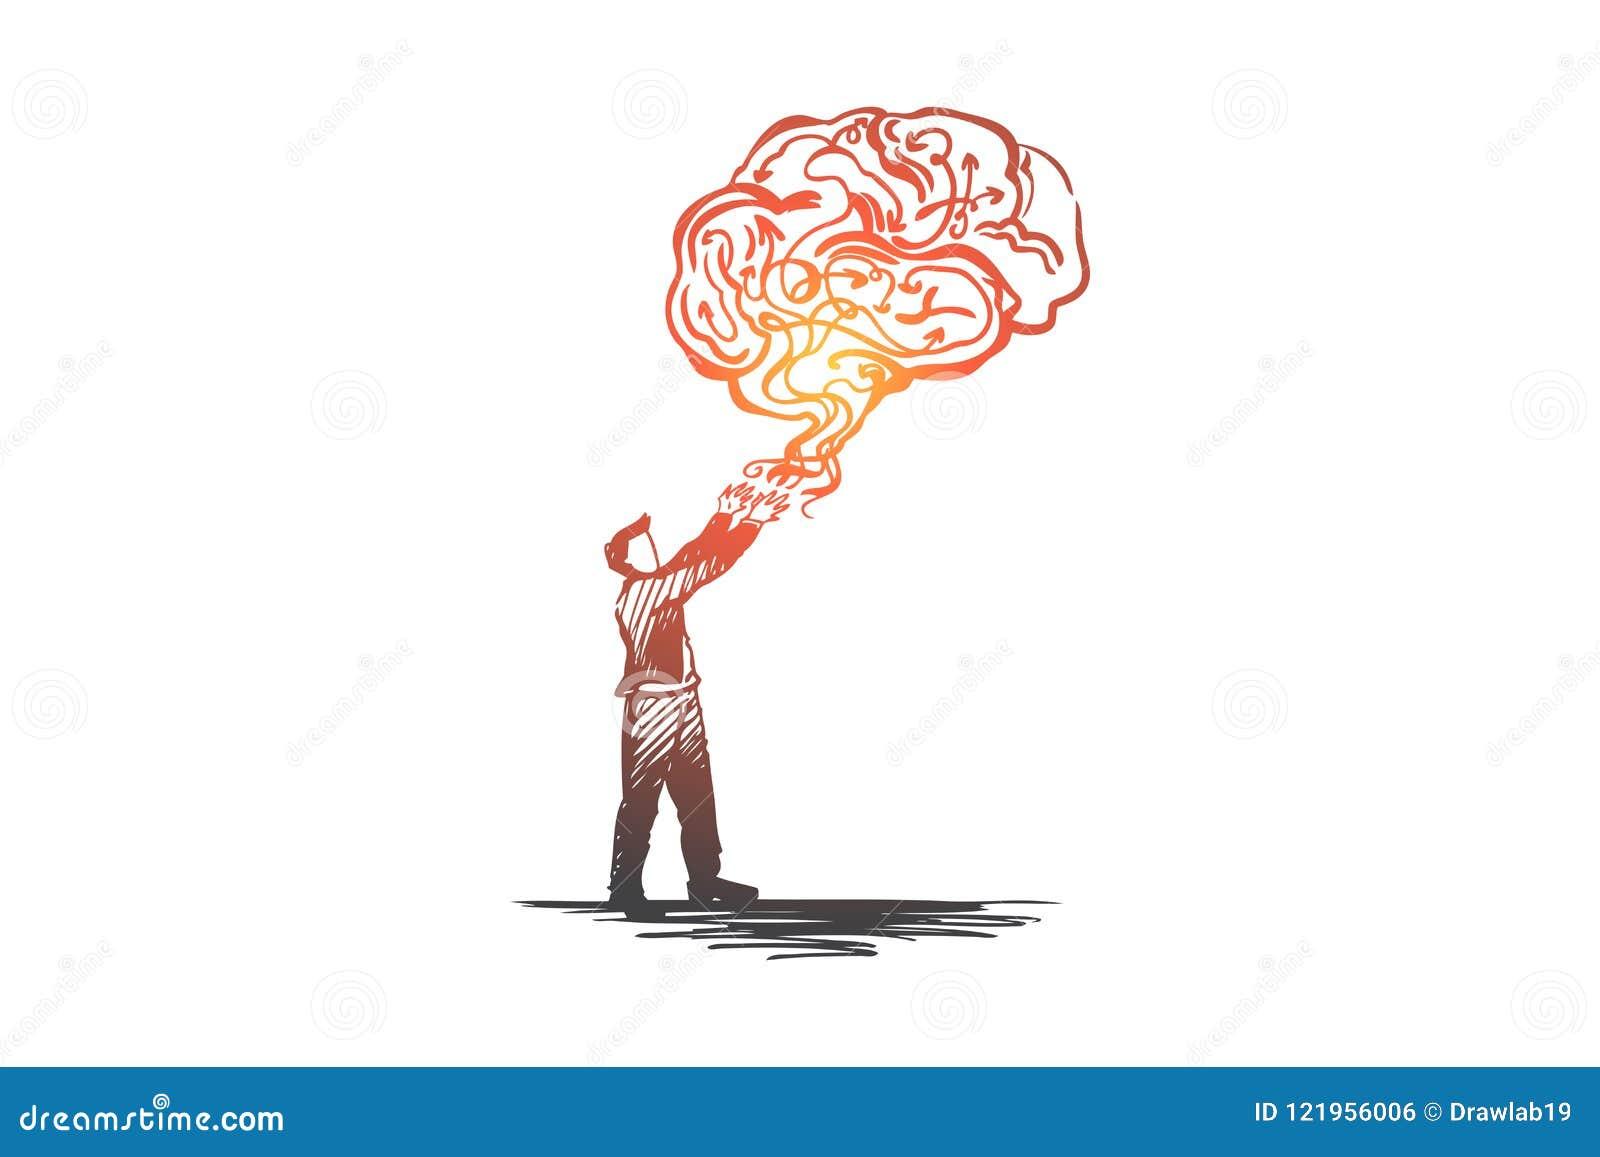 Geschäftsidee, kreativ, lösend, Lösung, Kreativitätskonzept gedanklich Hand gezeichneter lokalisierter Vektor